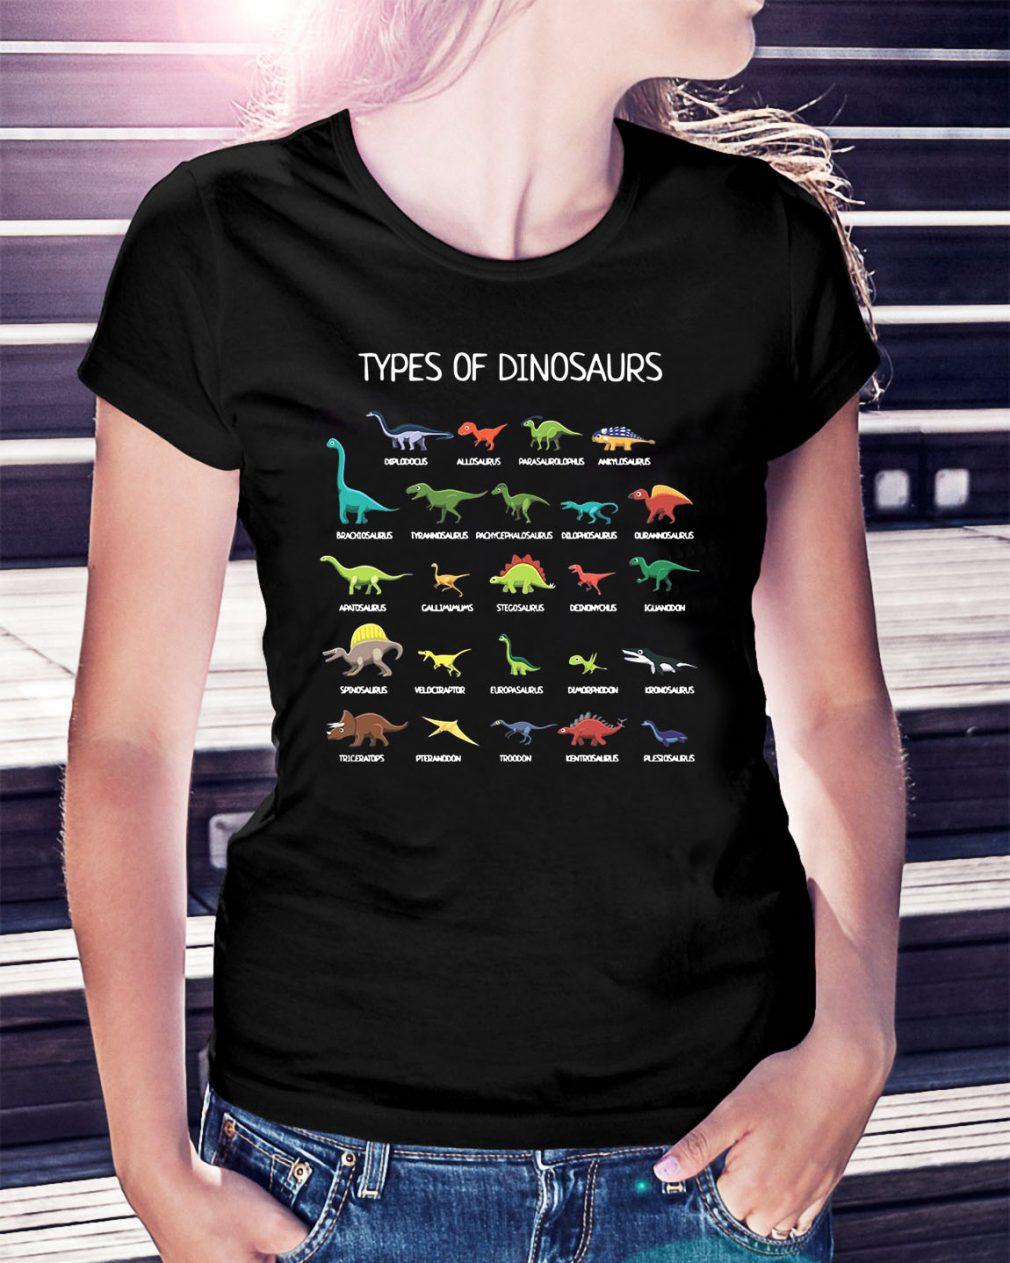 Types of Dinosaurs Ladies Tee